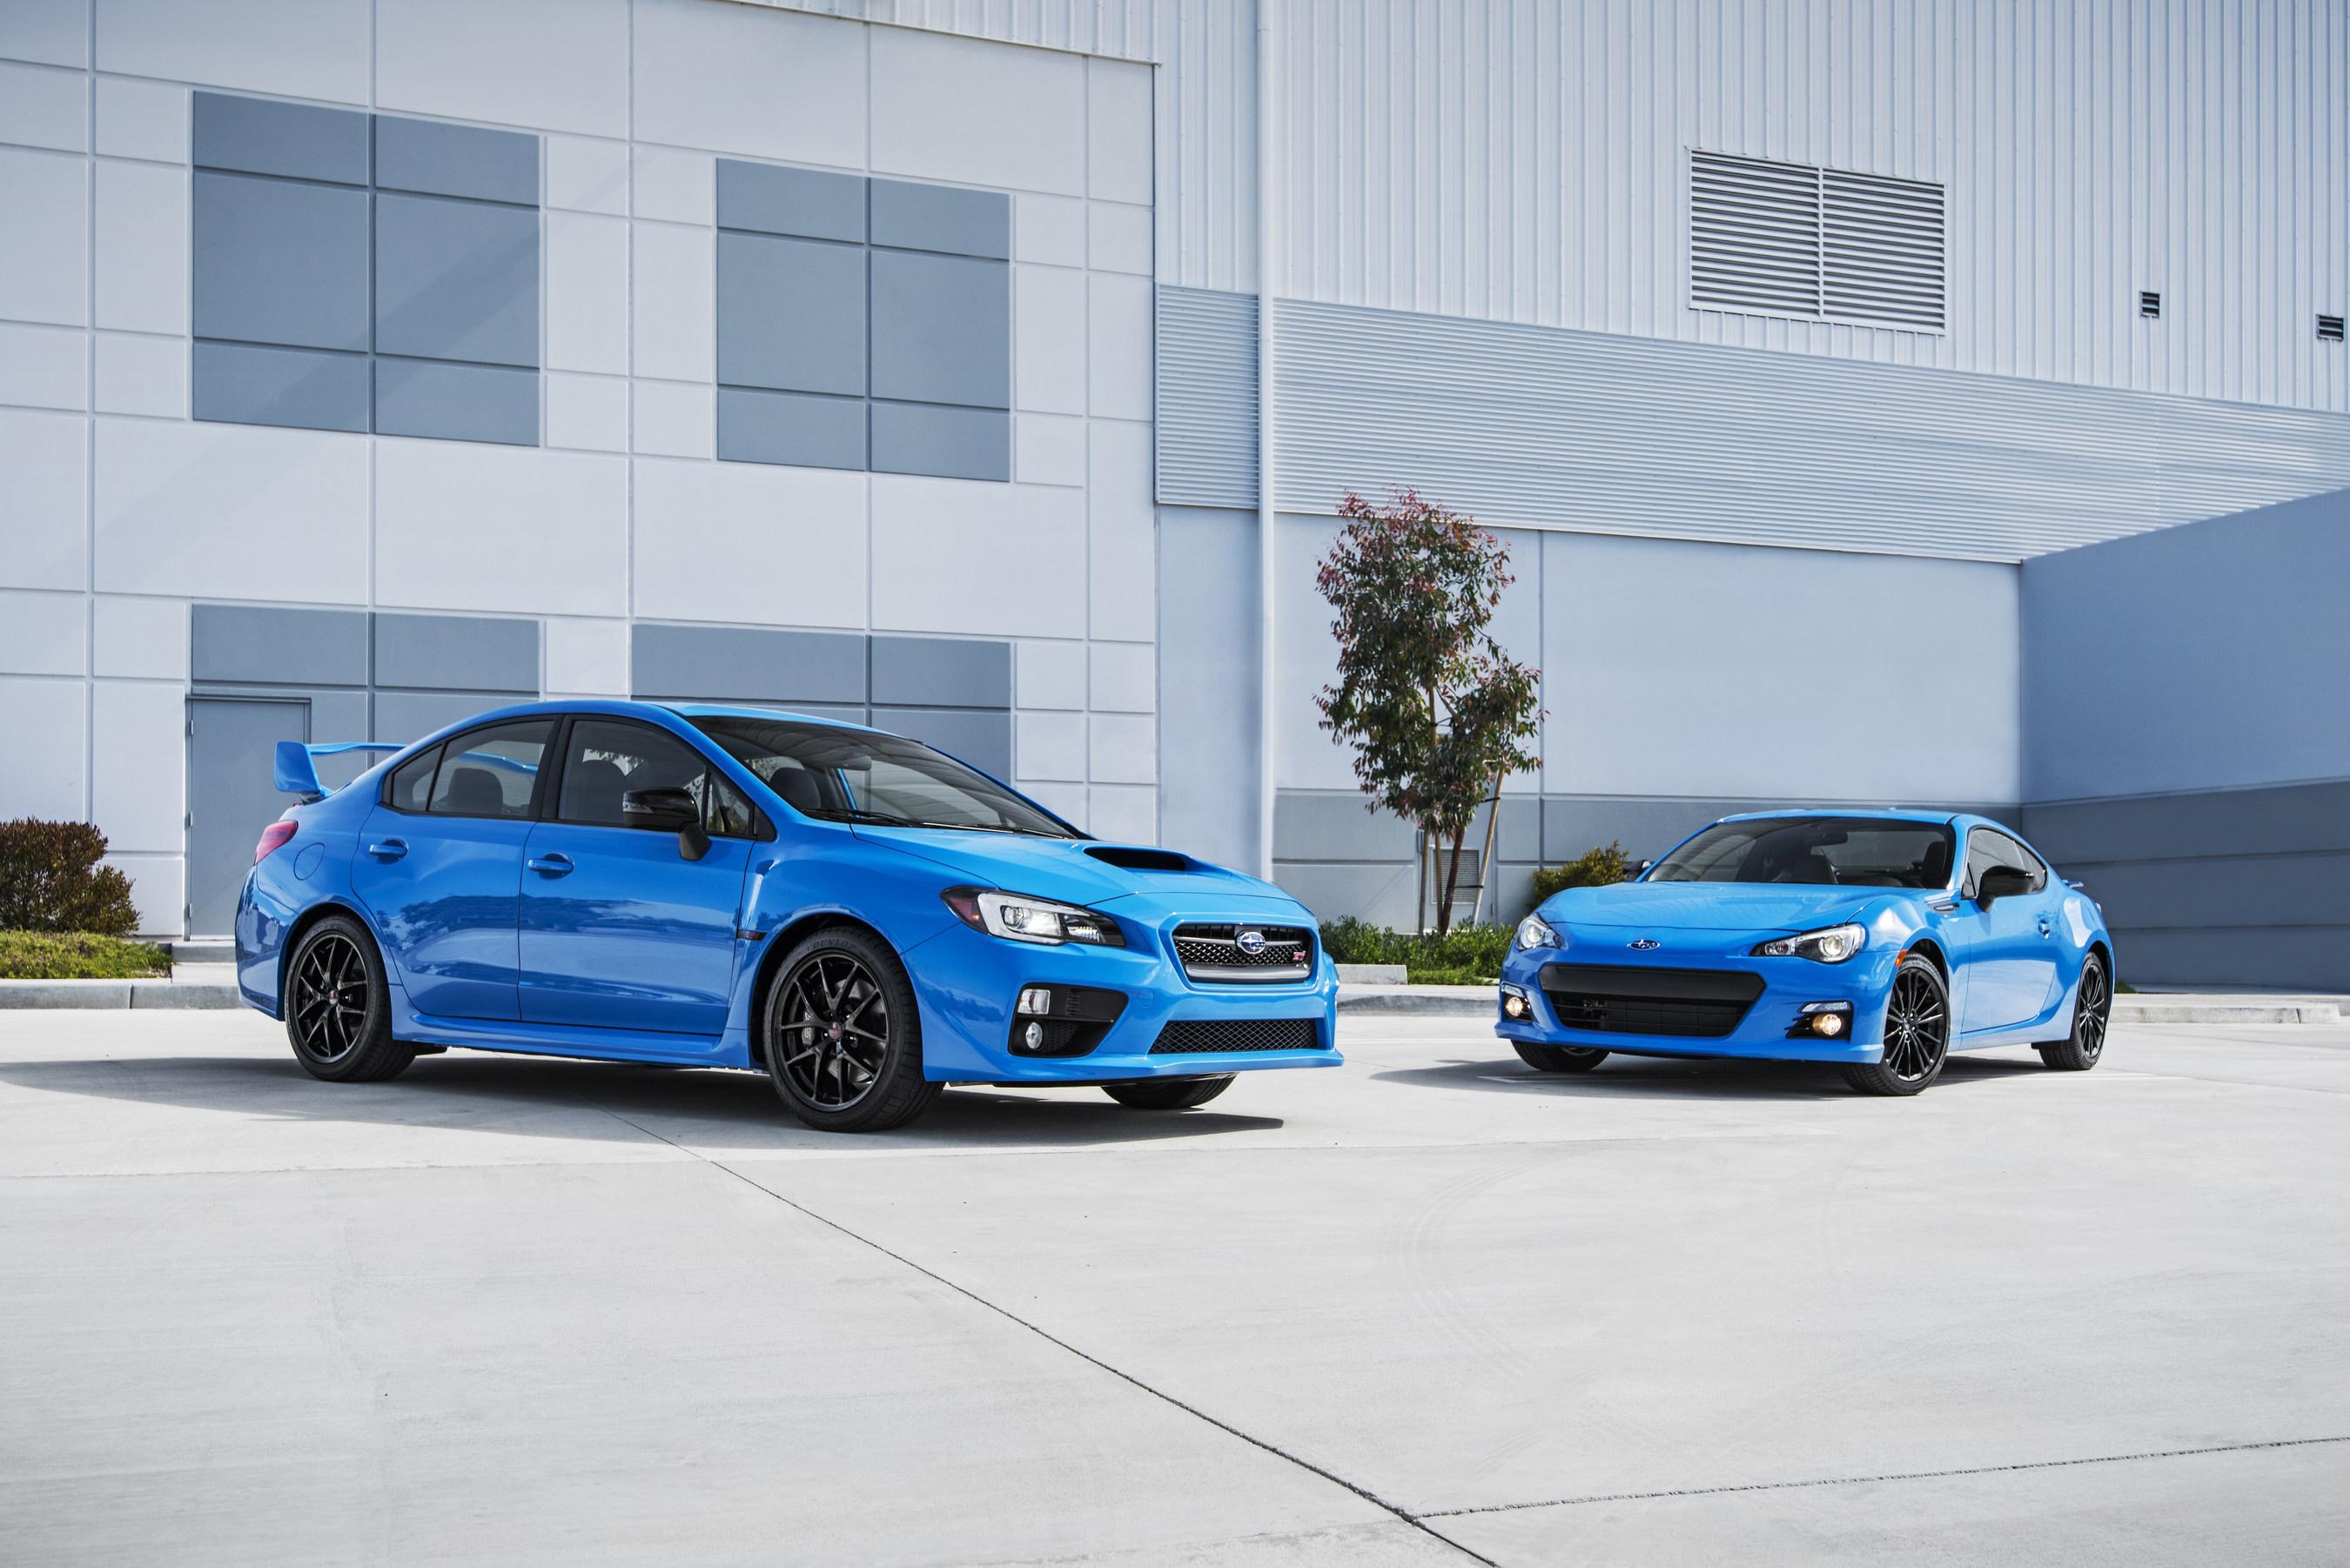 2016 Subaru Series.HyperBlue models